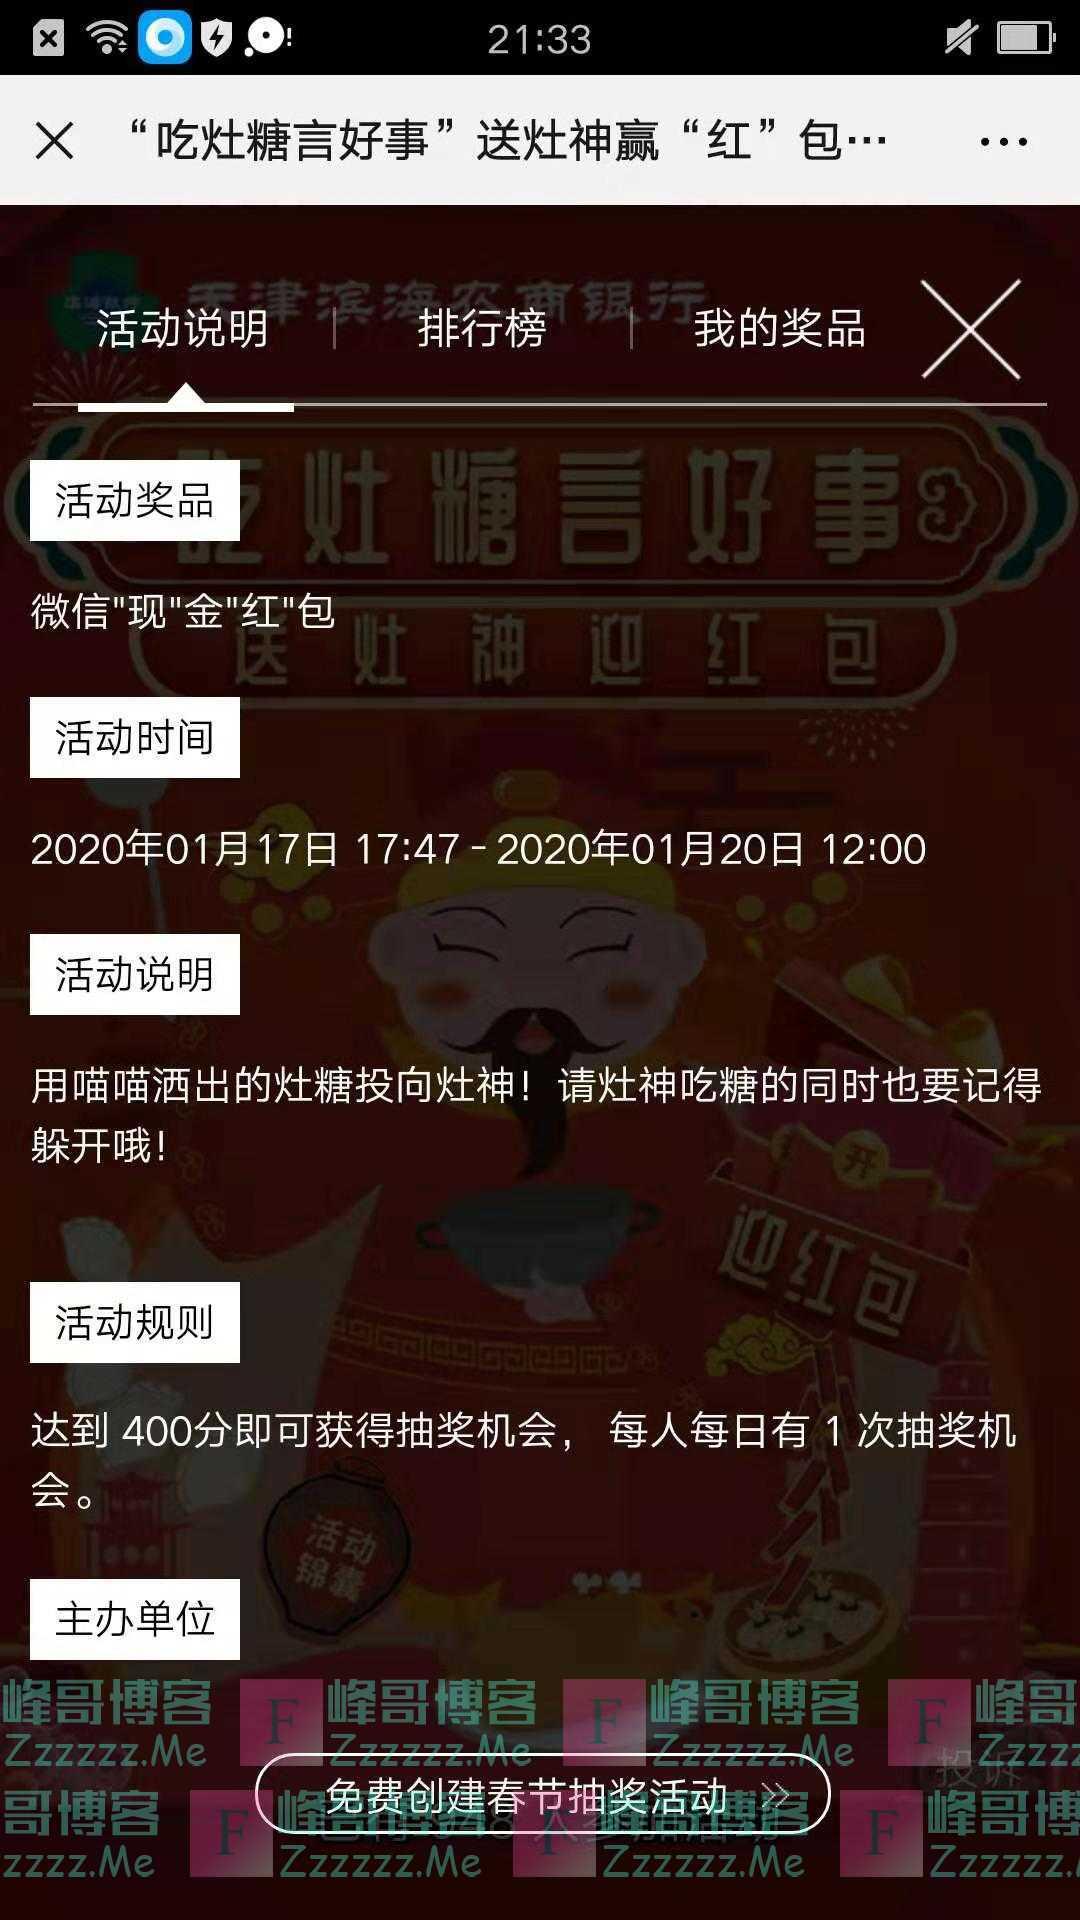 天津滨海农商银行送灶神赢红包(截止1月20日)